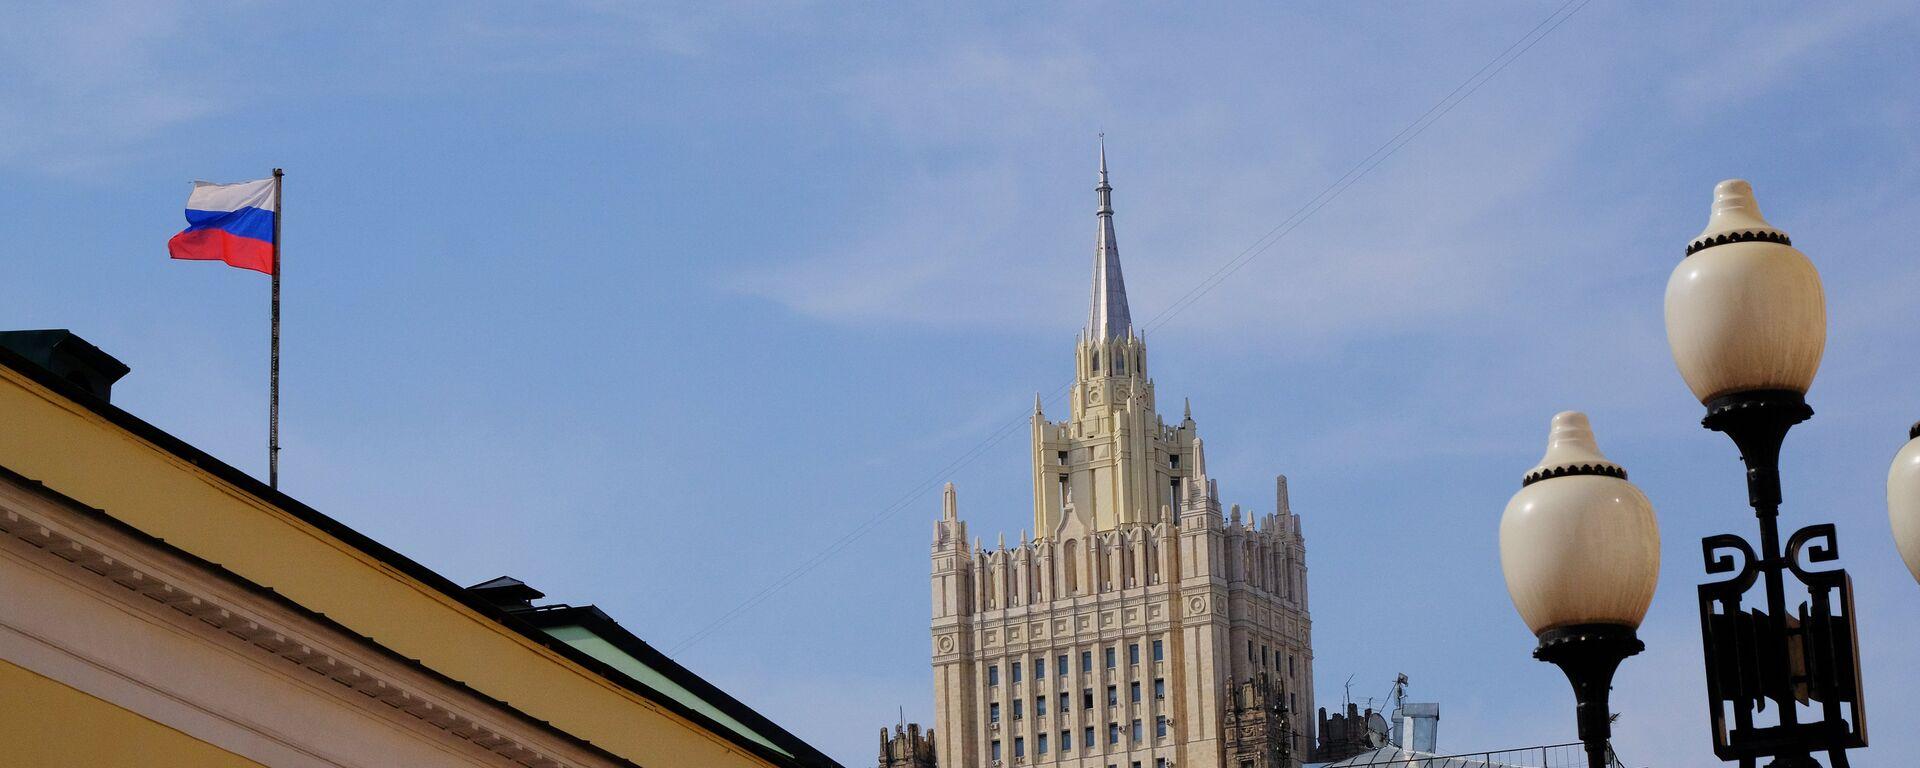 Ministerio de Asuntos Exteriores de Rusia - Sputnik Mundo, 1920, 17.06.2021